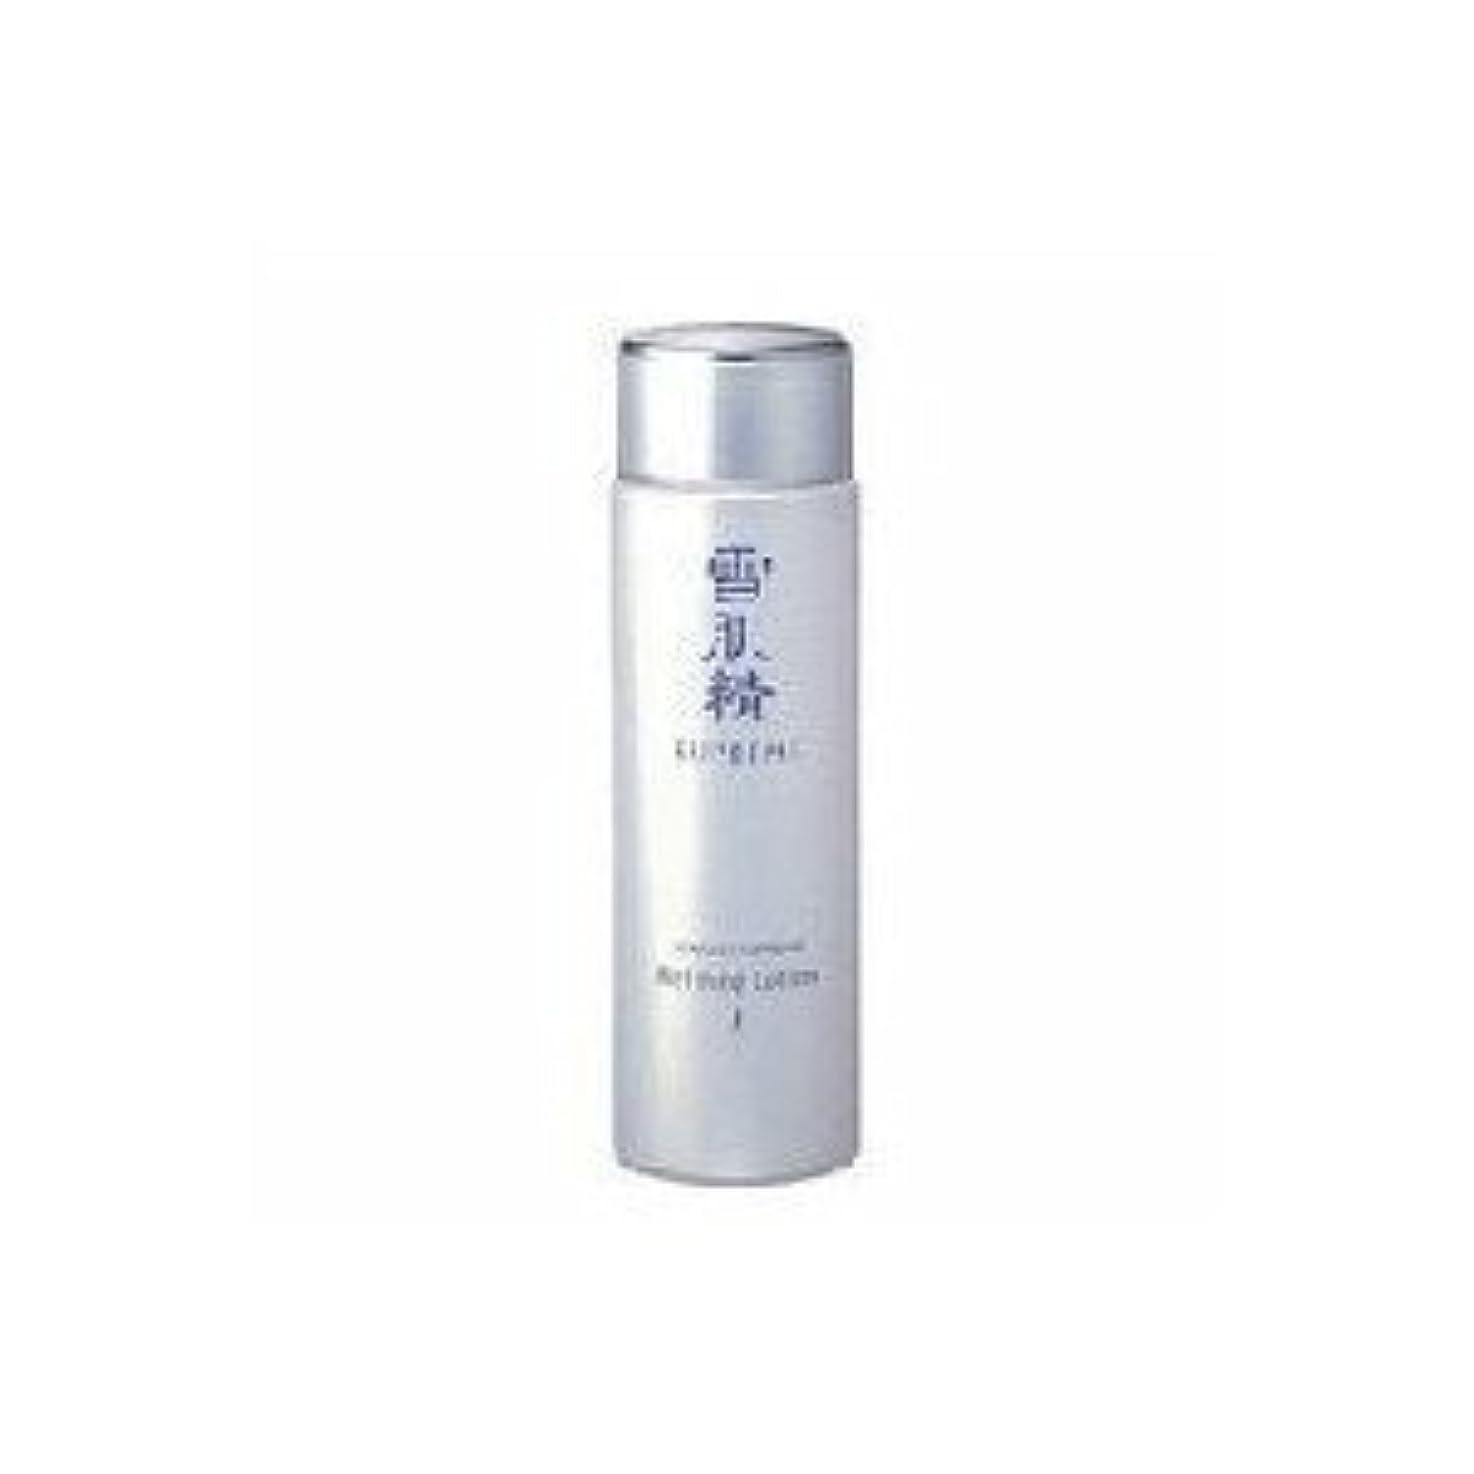 集団的対処するアトミック限定品 コーセー 雪肌精 シュープレム 化粧水 II 400ml